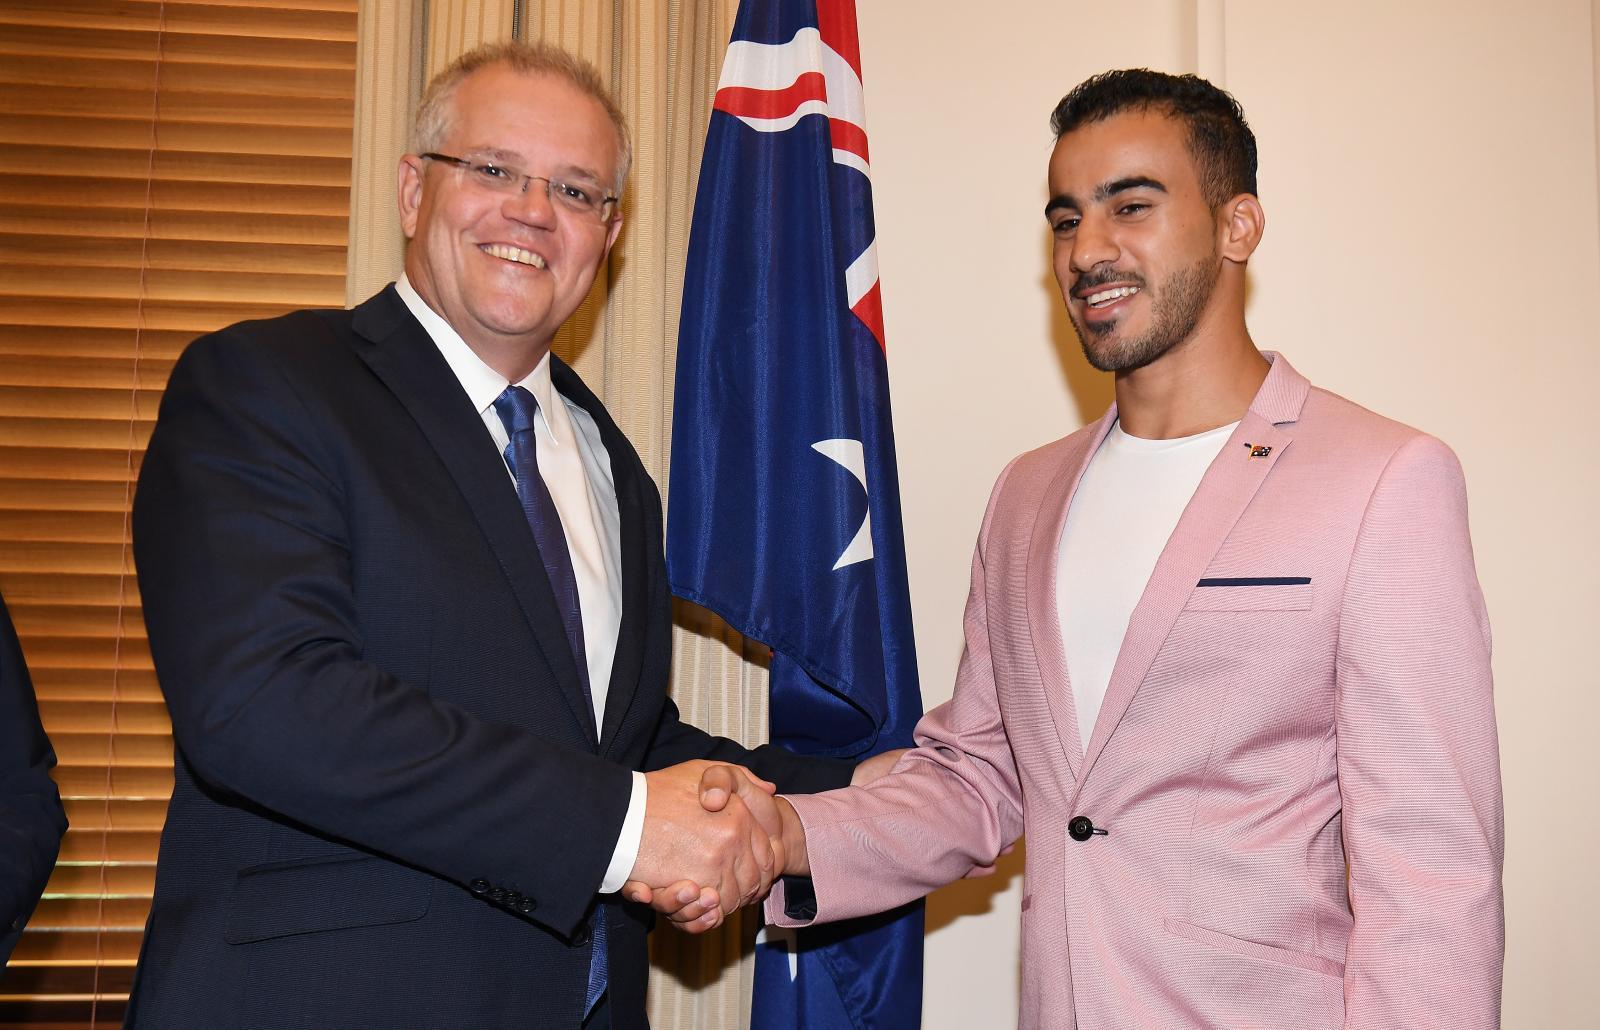 """""""ฮาคีม""""เข้าพิธีสาบานตนเป็นพลเมืองออสเตรเลีย"""